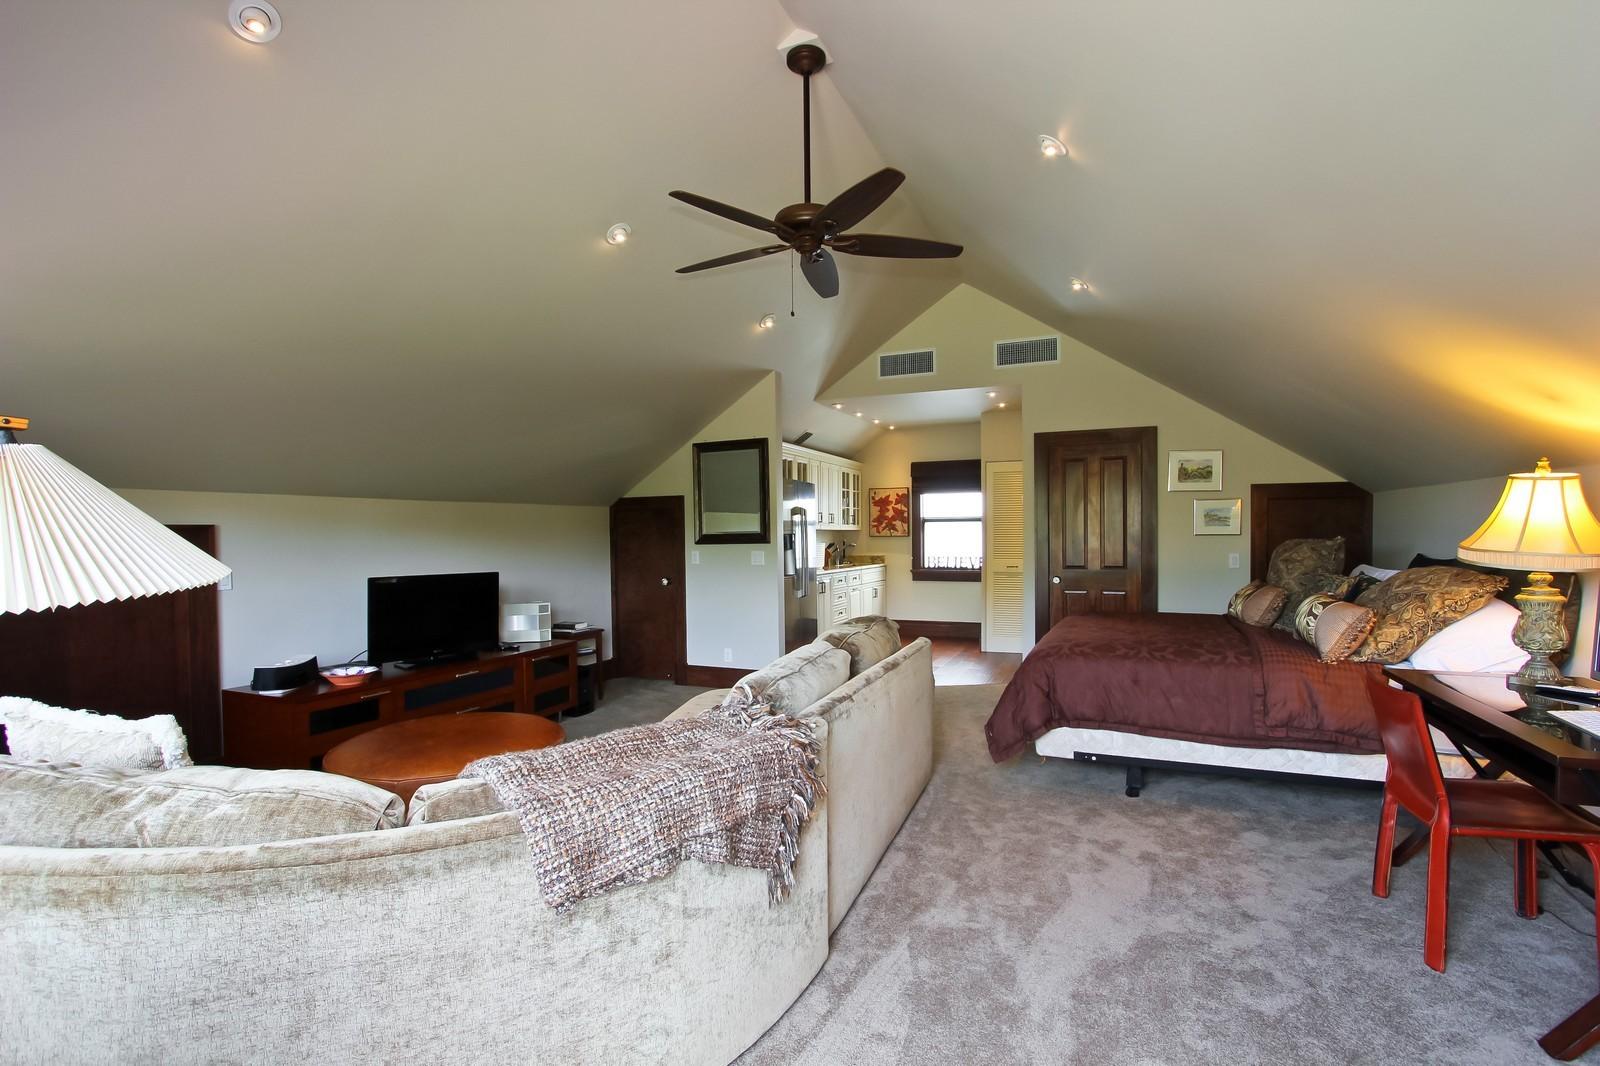 Real Estate Photography - 18300 SE Loxahatchee River Rd, Jupiter, FL, 33458 - Guest House